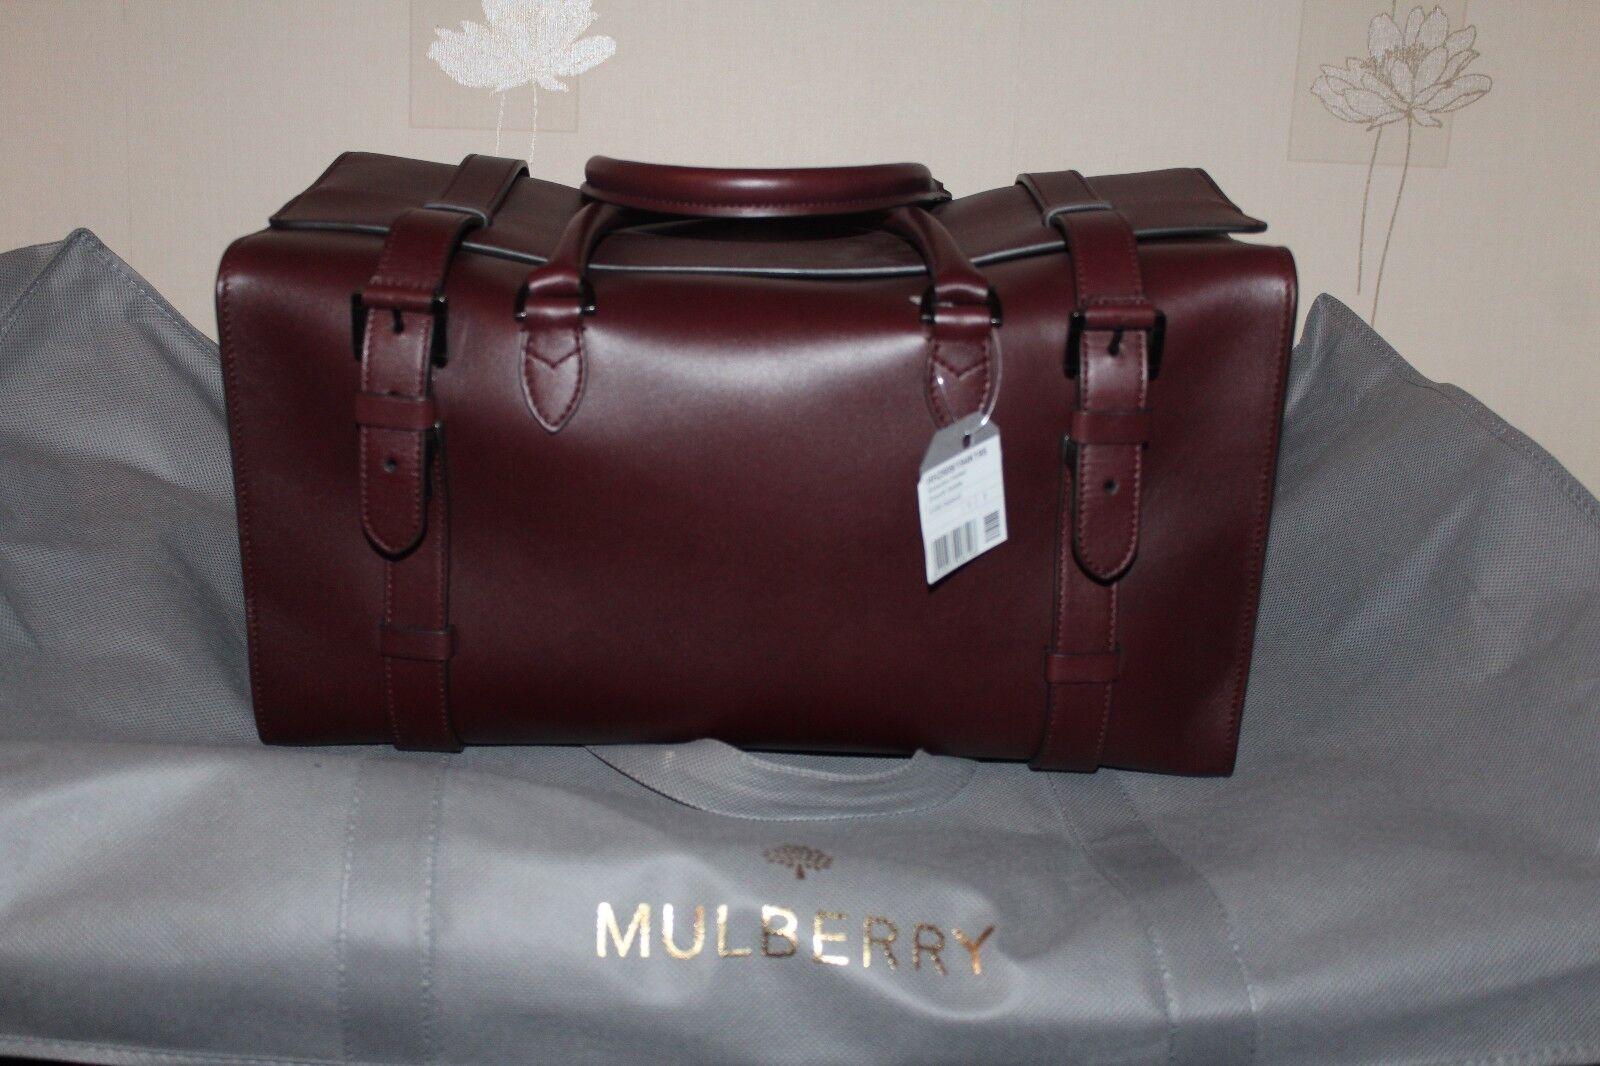 Mulberry SOMERTON Holdall Rouge Foncé En Cuir Sac de voyage sacages pendentif la nuit Duffel